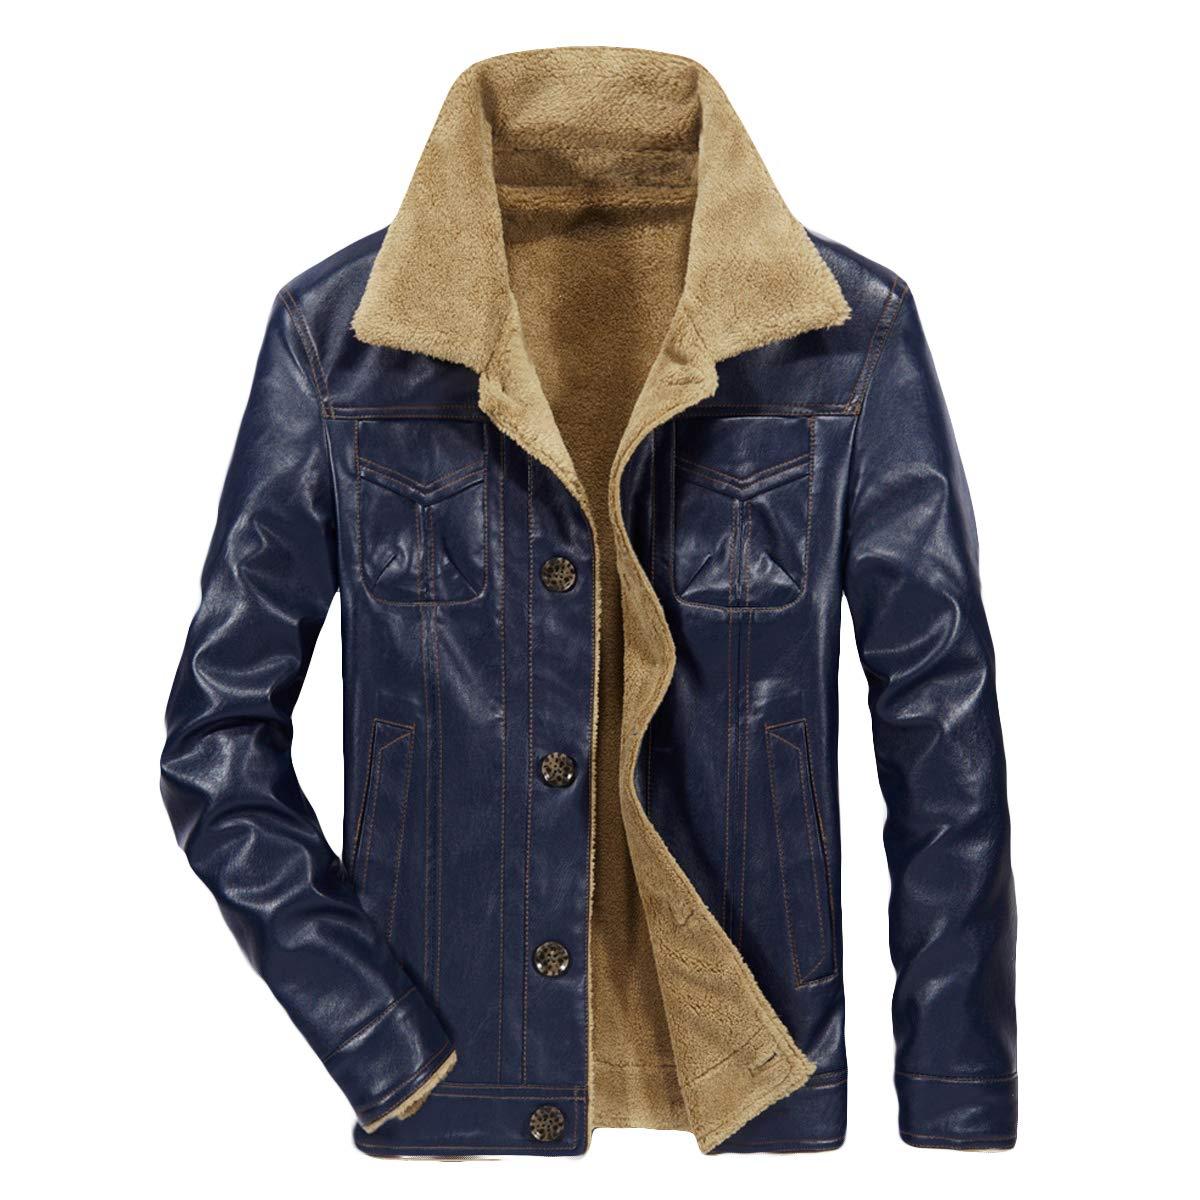 Fmeijia Men's Leisure Zipper PU Leather Velvet Coat Retro Long Sleeve Jacket Tops by Fmeijia